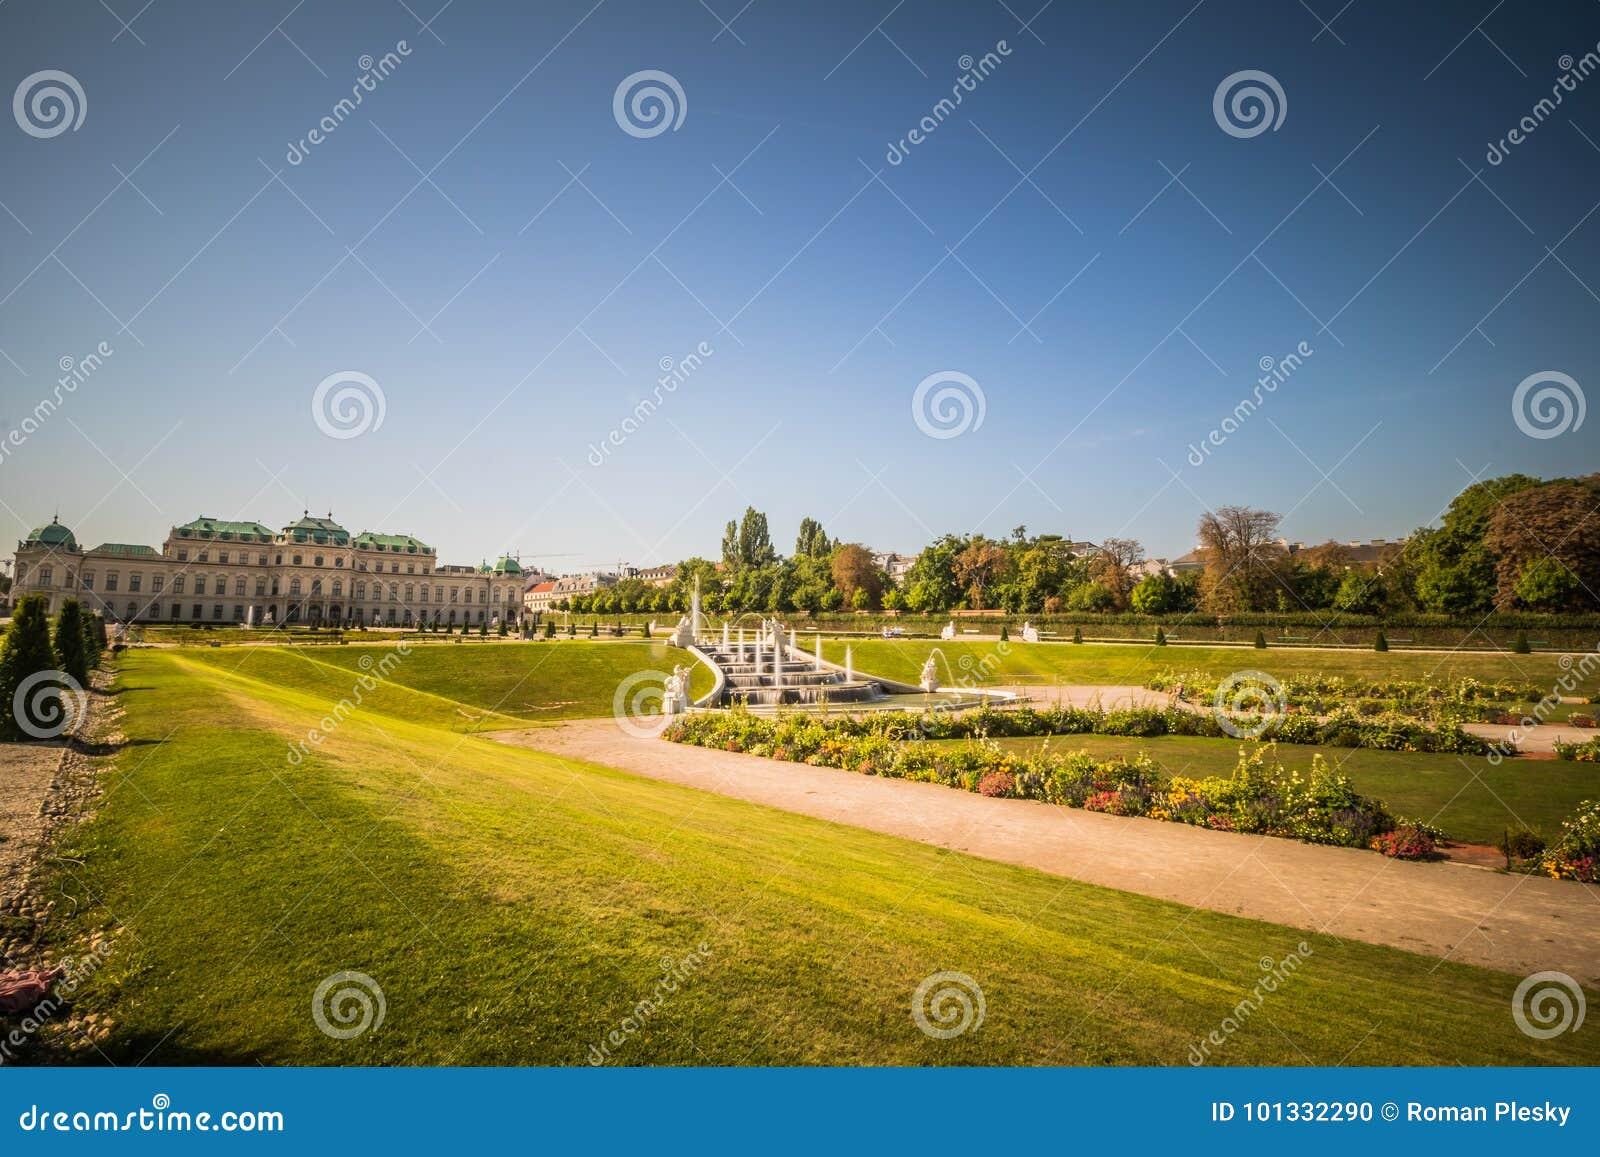 Jardim do palácio do Belvedere em Viena, Áustria